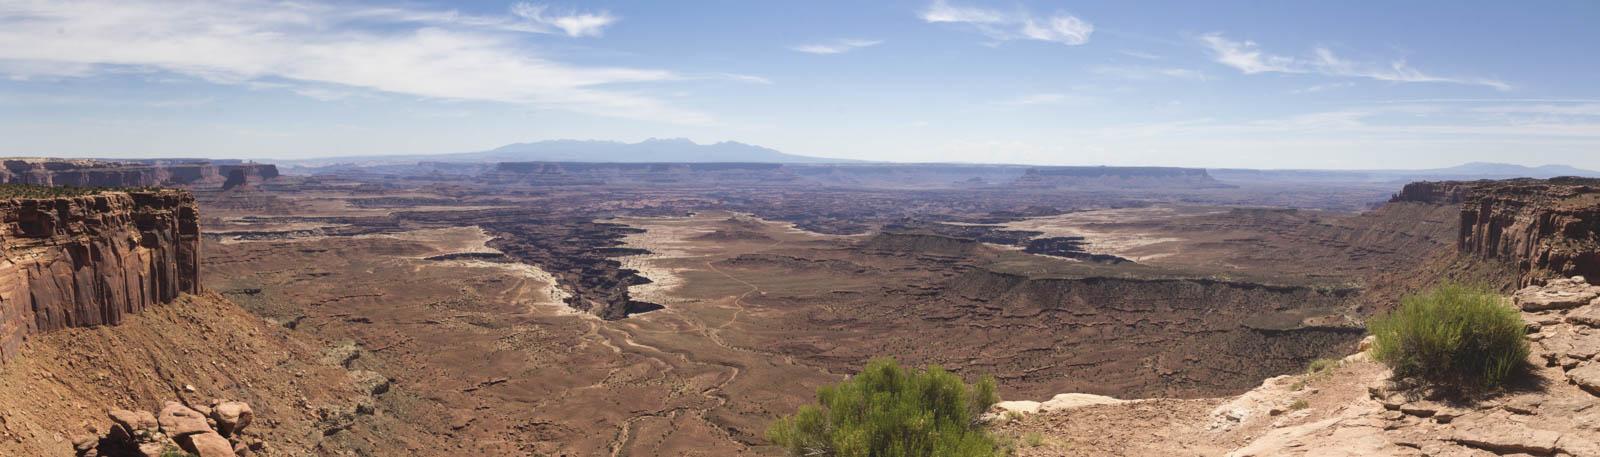 201606 - USA Road Trip - 0642 - Panorama